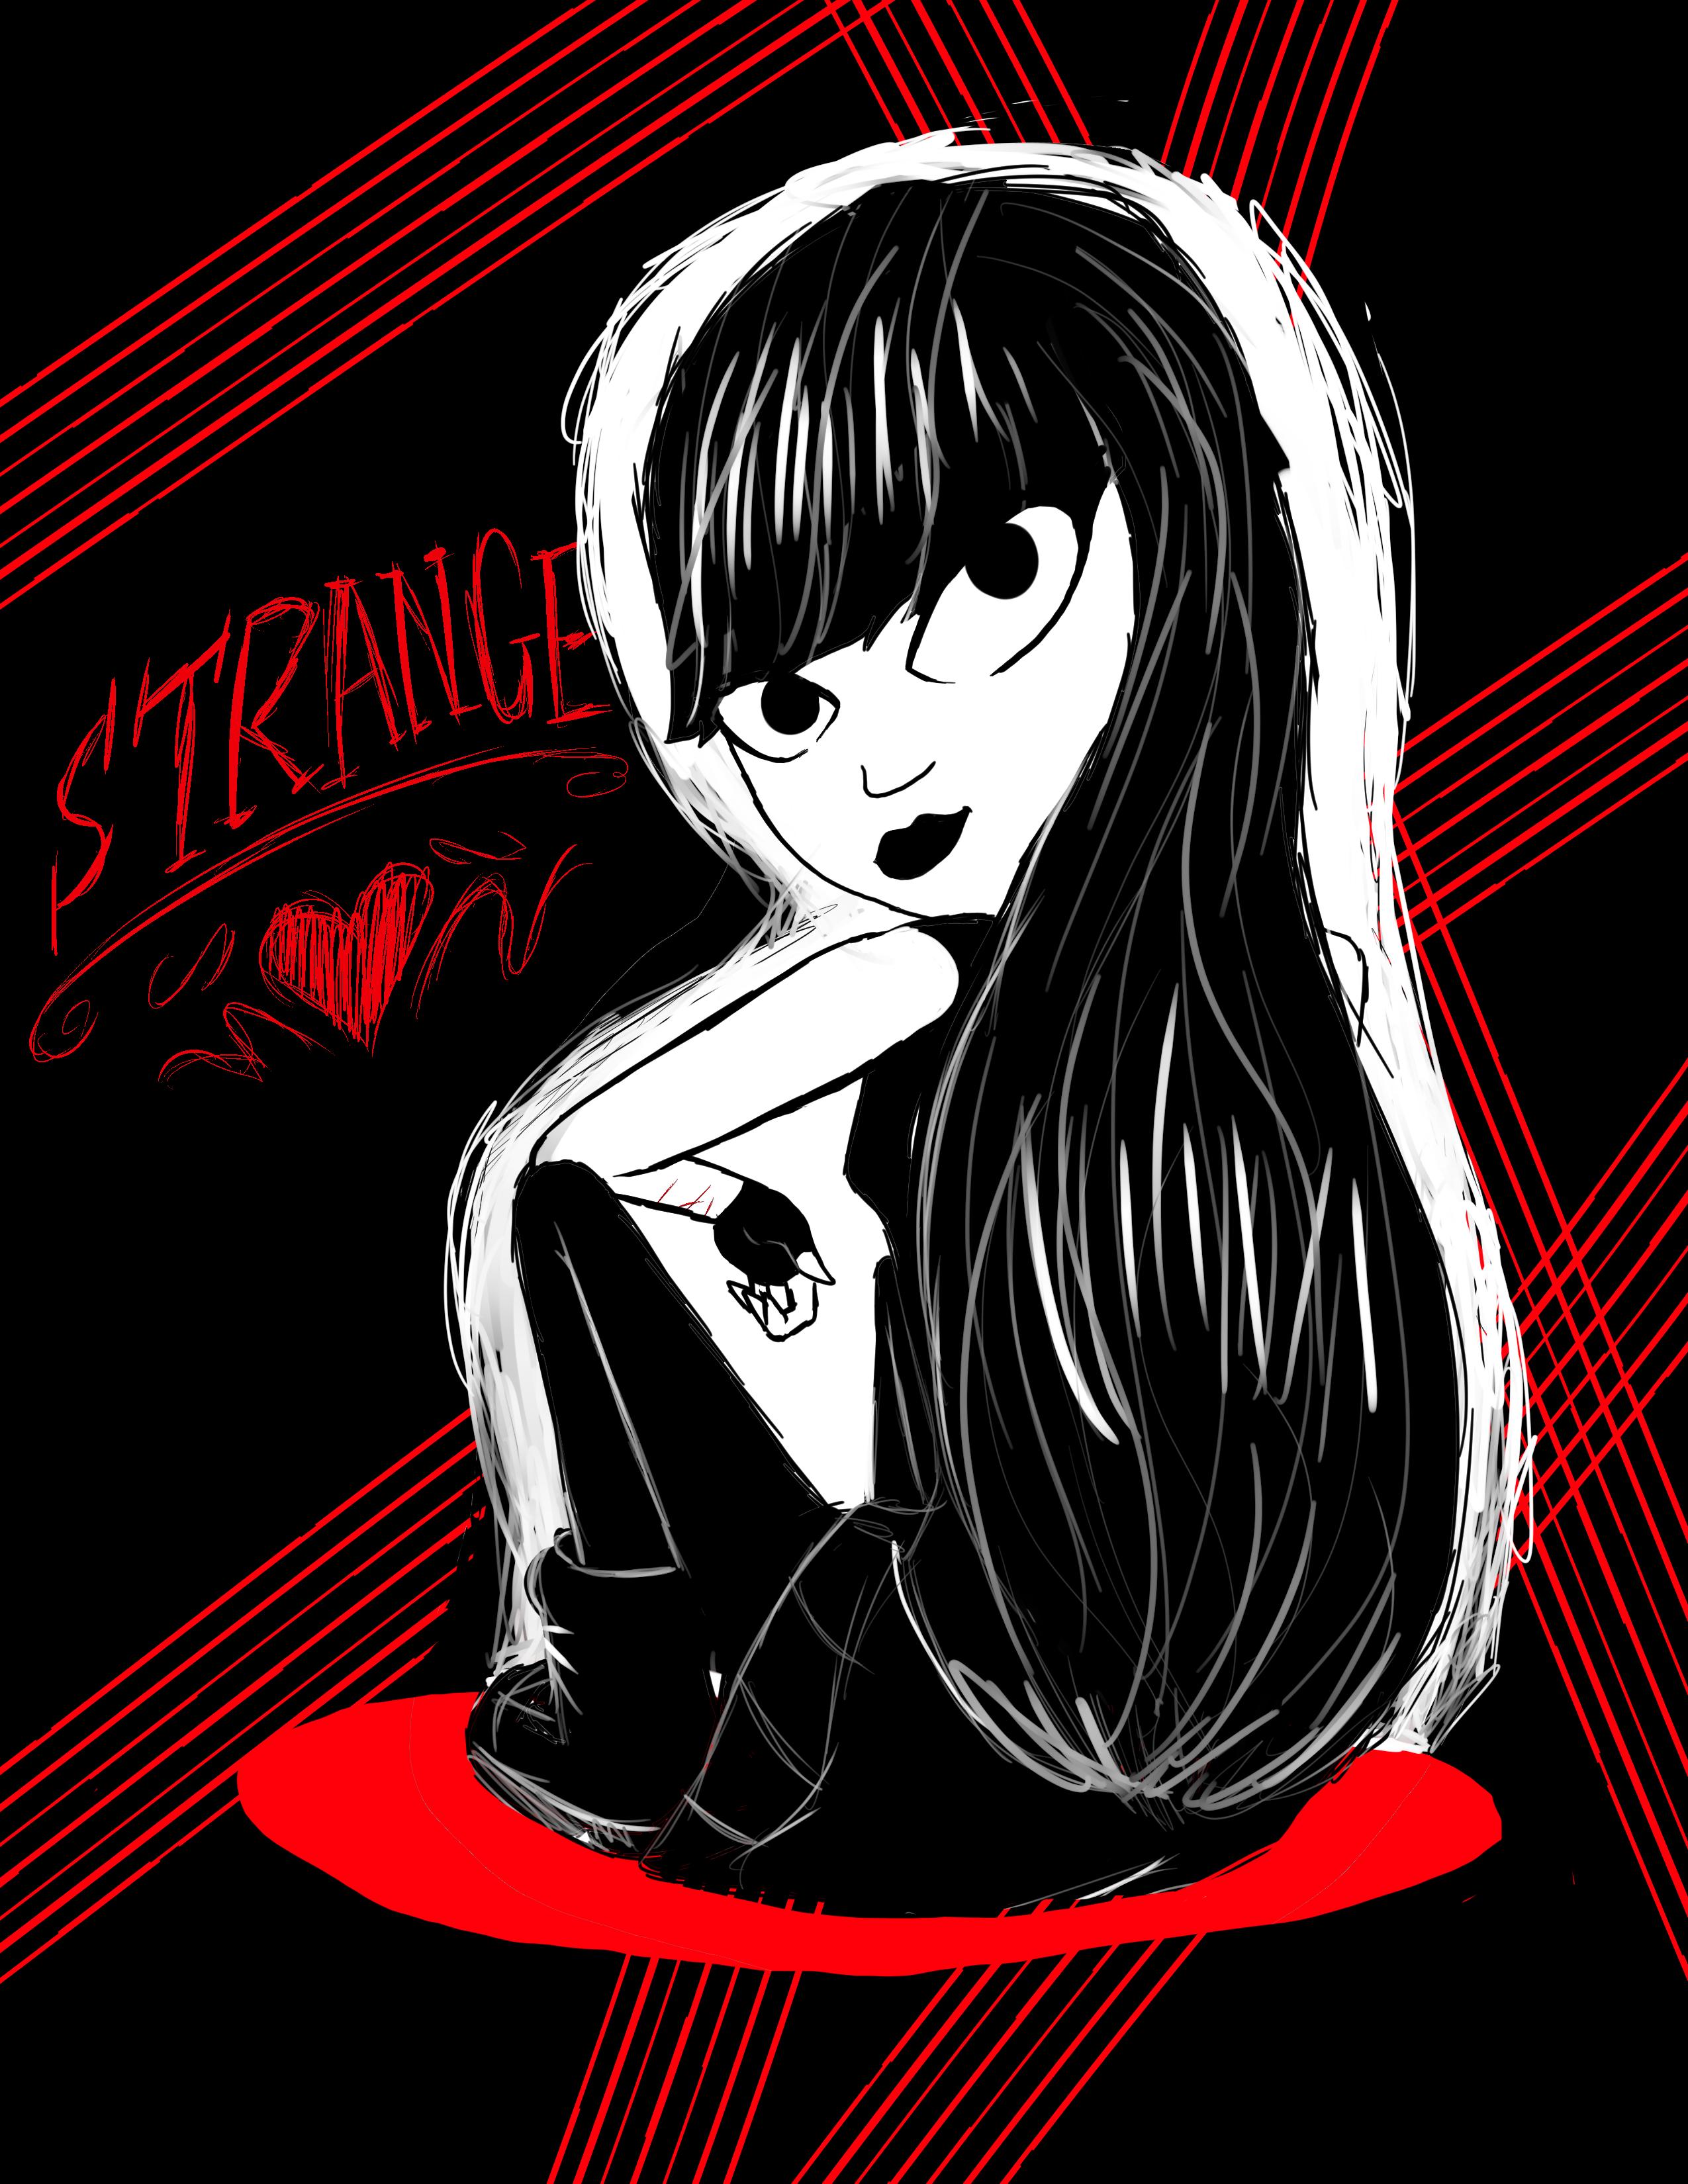 Aren't I strange?